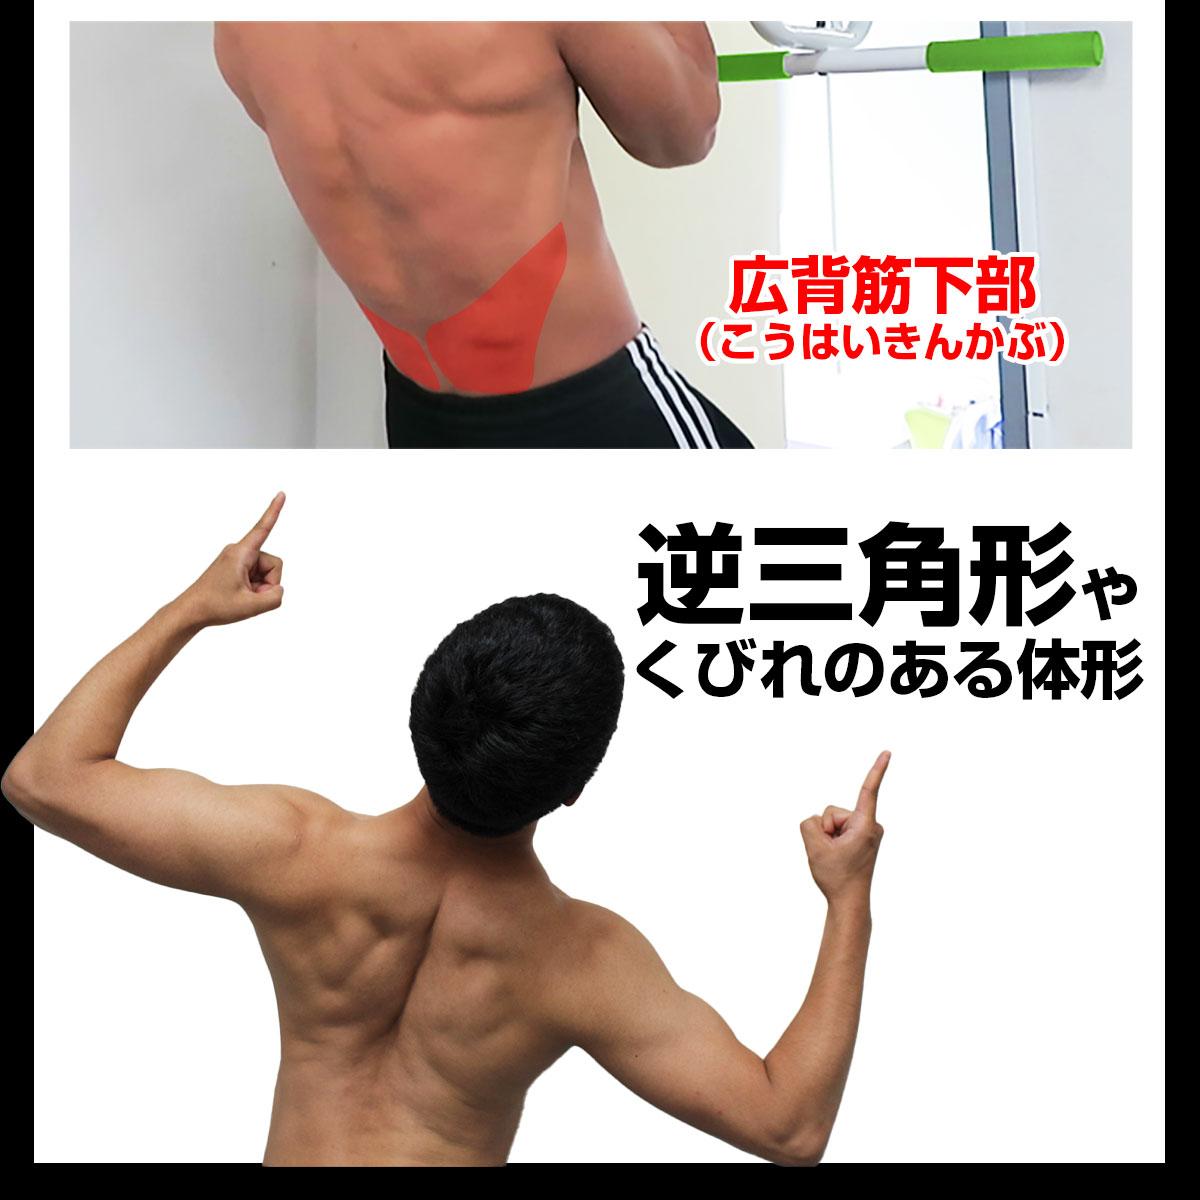 ナローグリッププルアップで鍛えられる筋肉